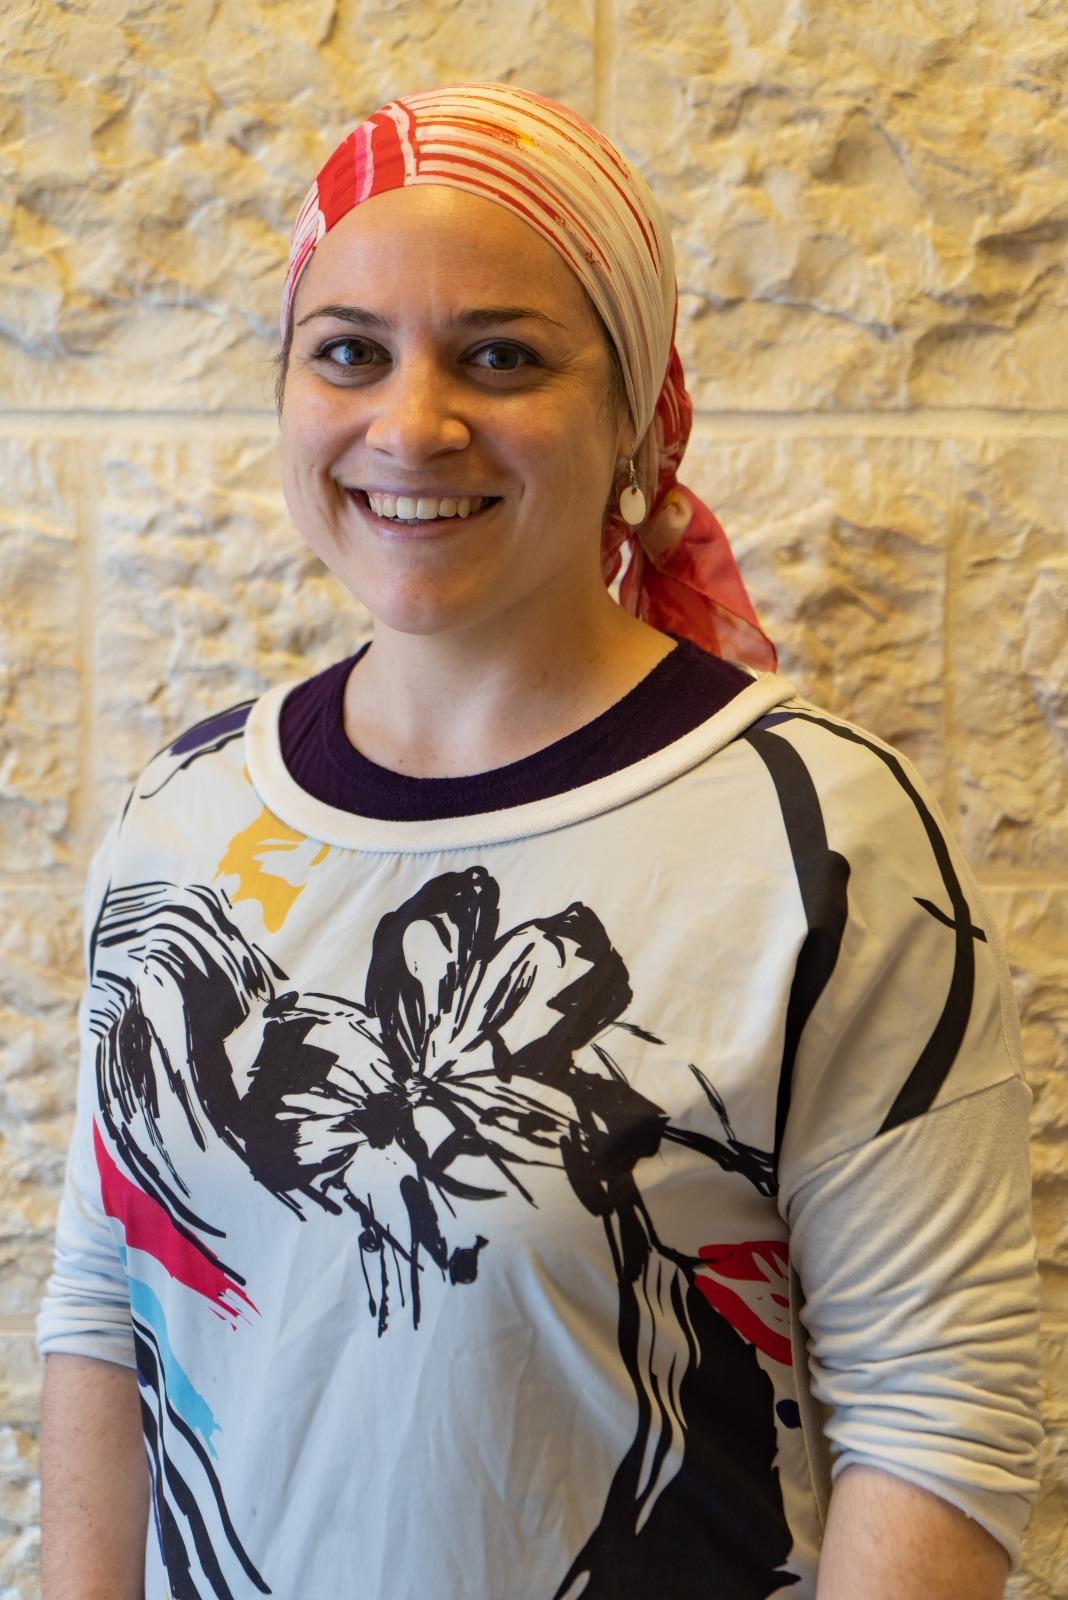 Sarina Novick